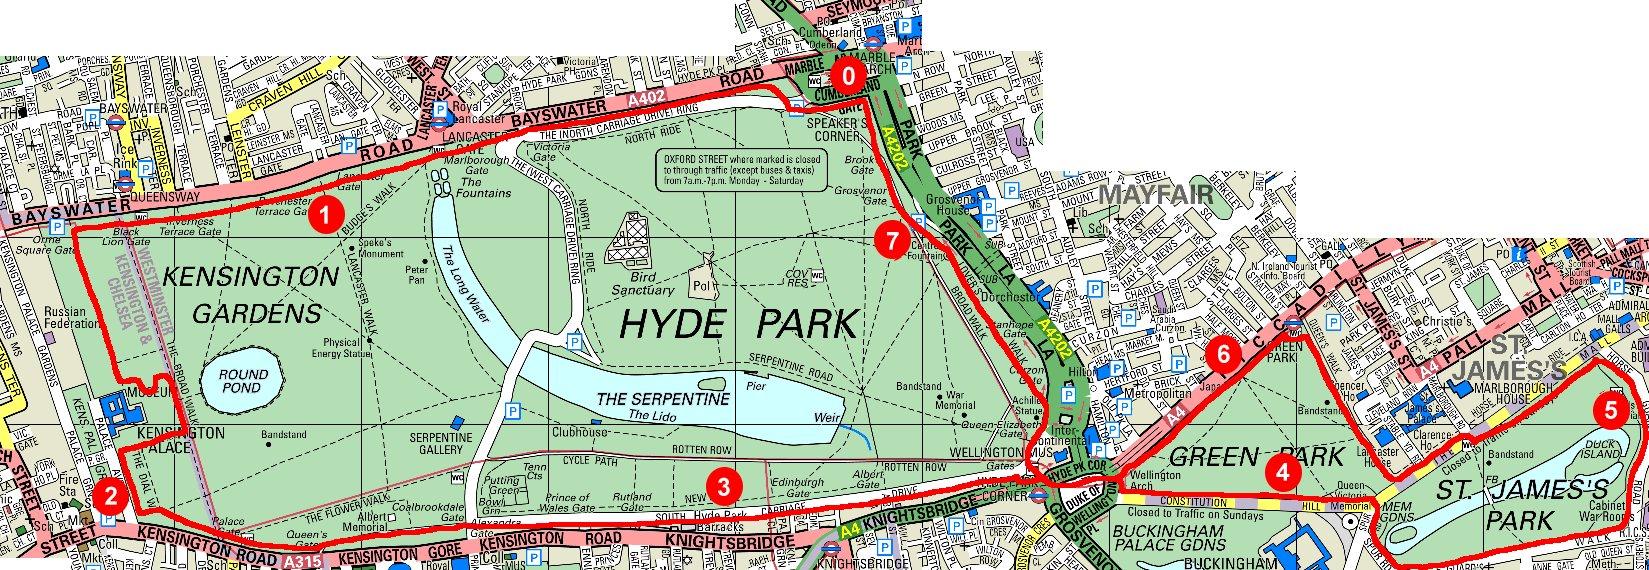 Serpentine Running Club Running Three Parks Day